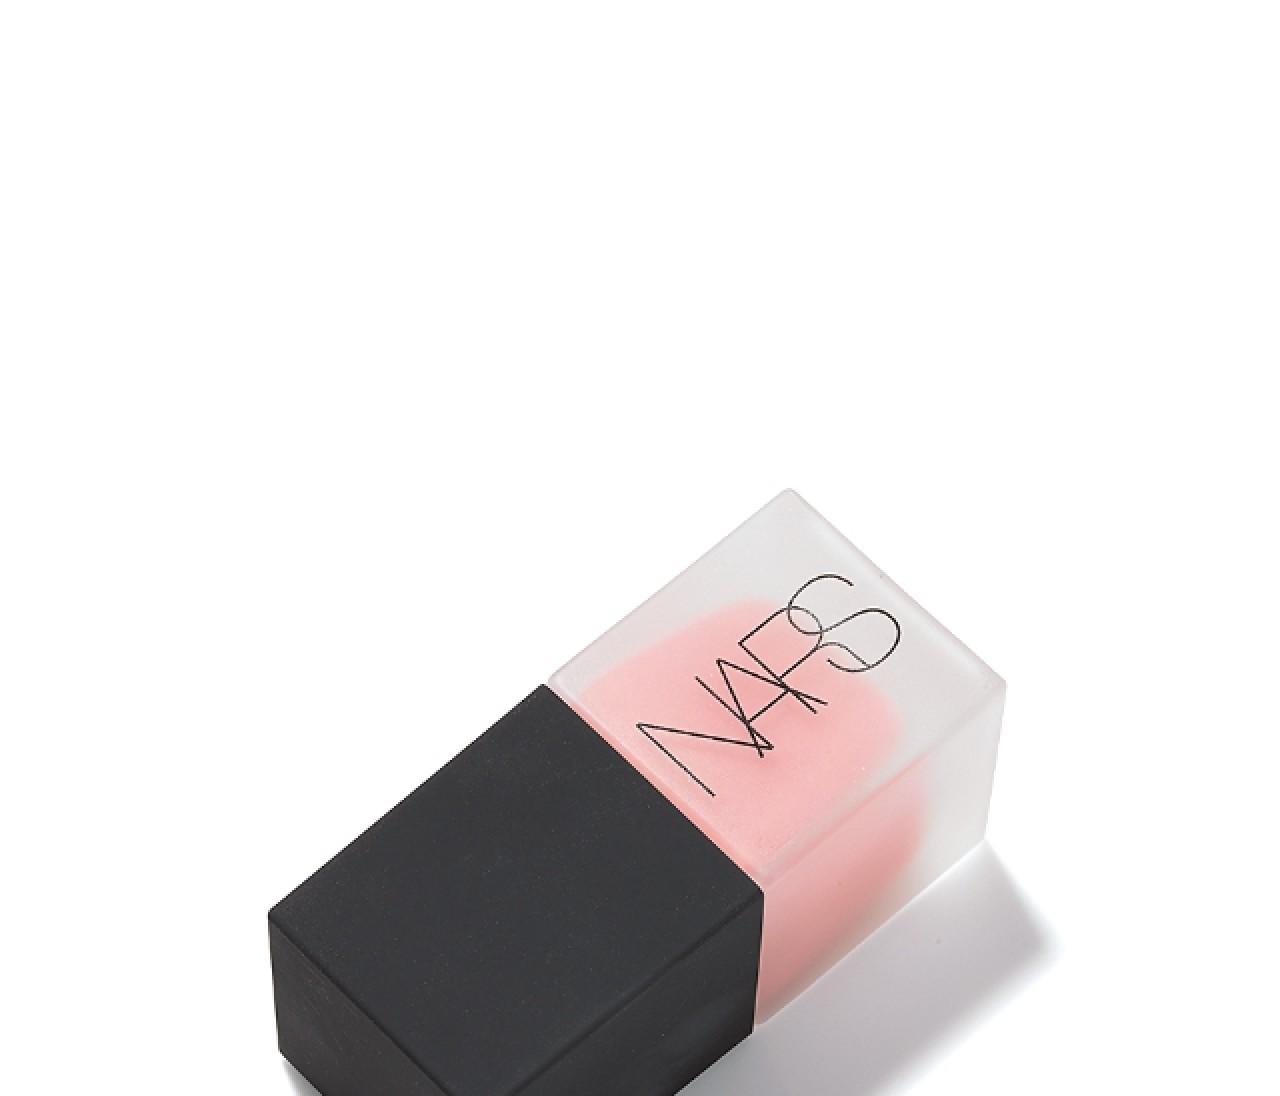 【新発売】NARSの「リキッド ブラッシュ 5155」で大人の肌に珠玉の高揚感♡